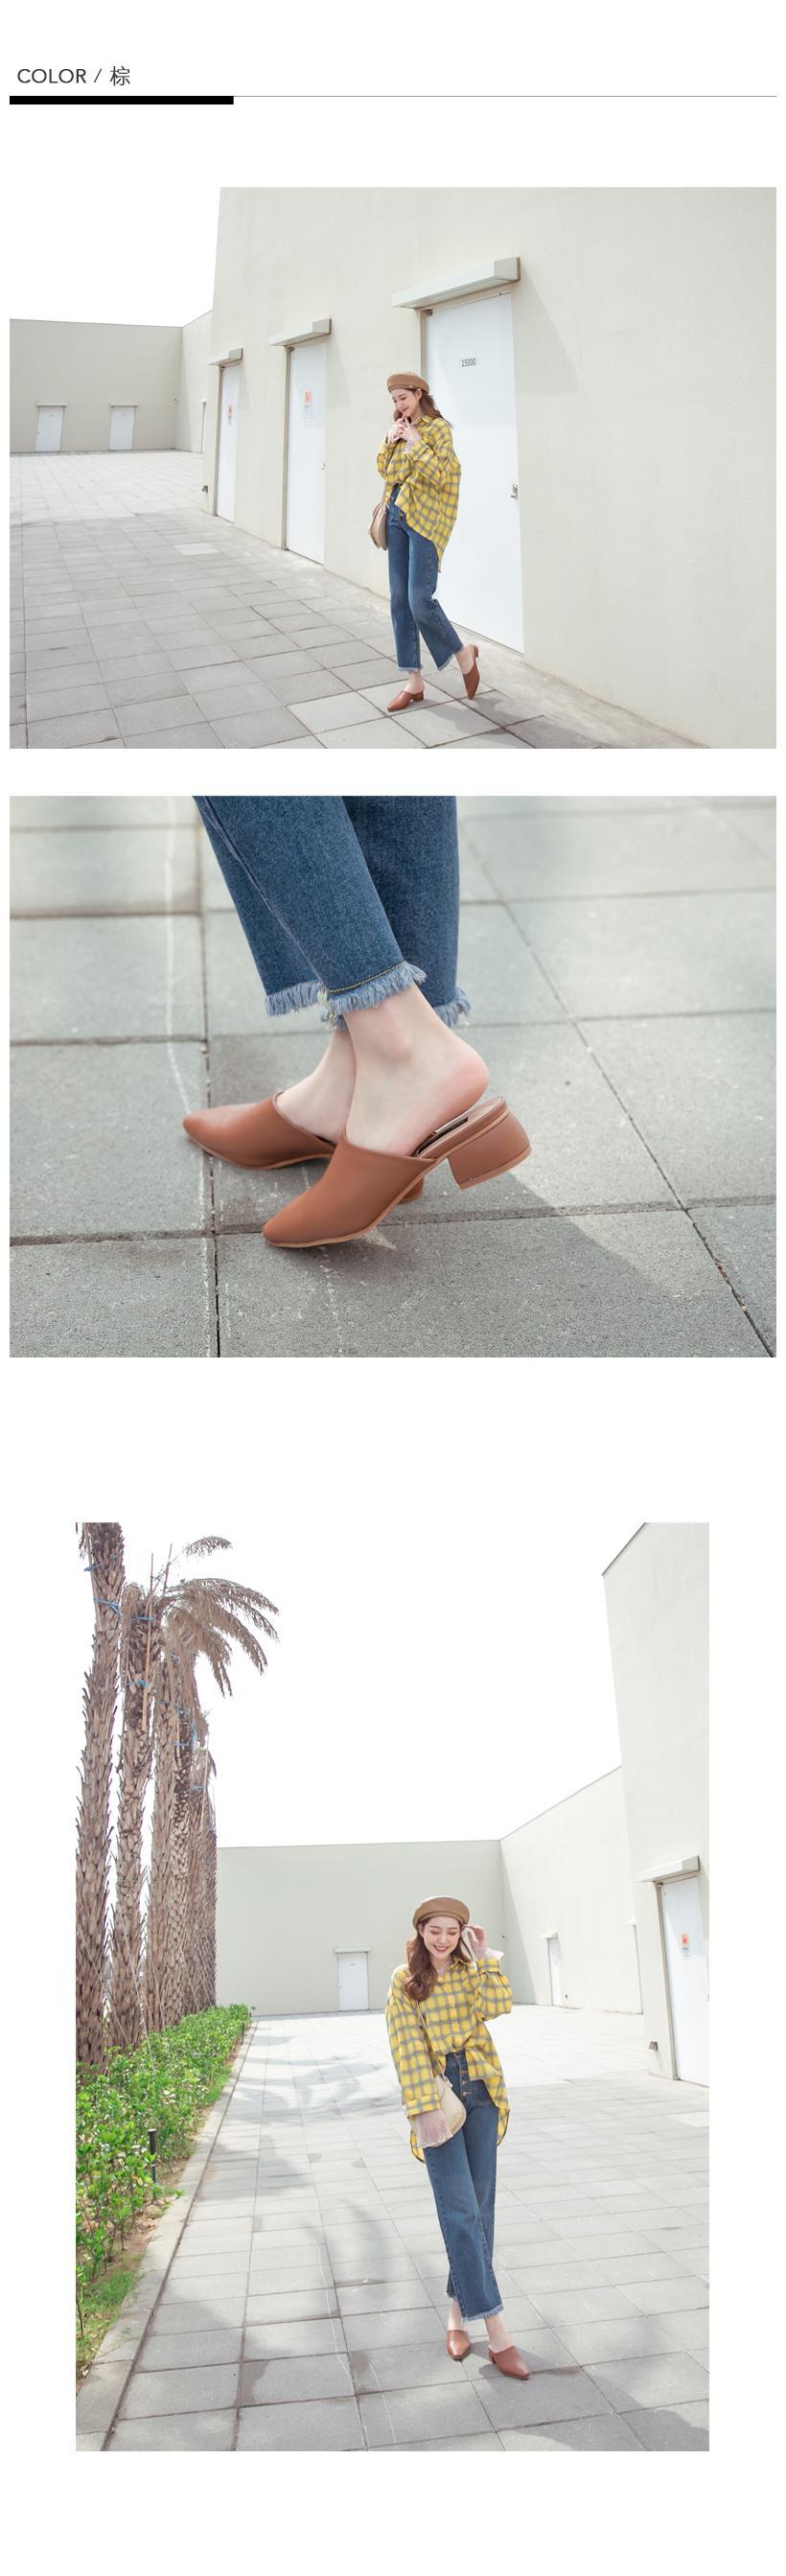 FMshoes 韓-小方頭低跟穆勒鞋